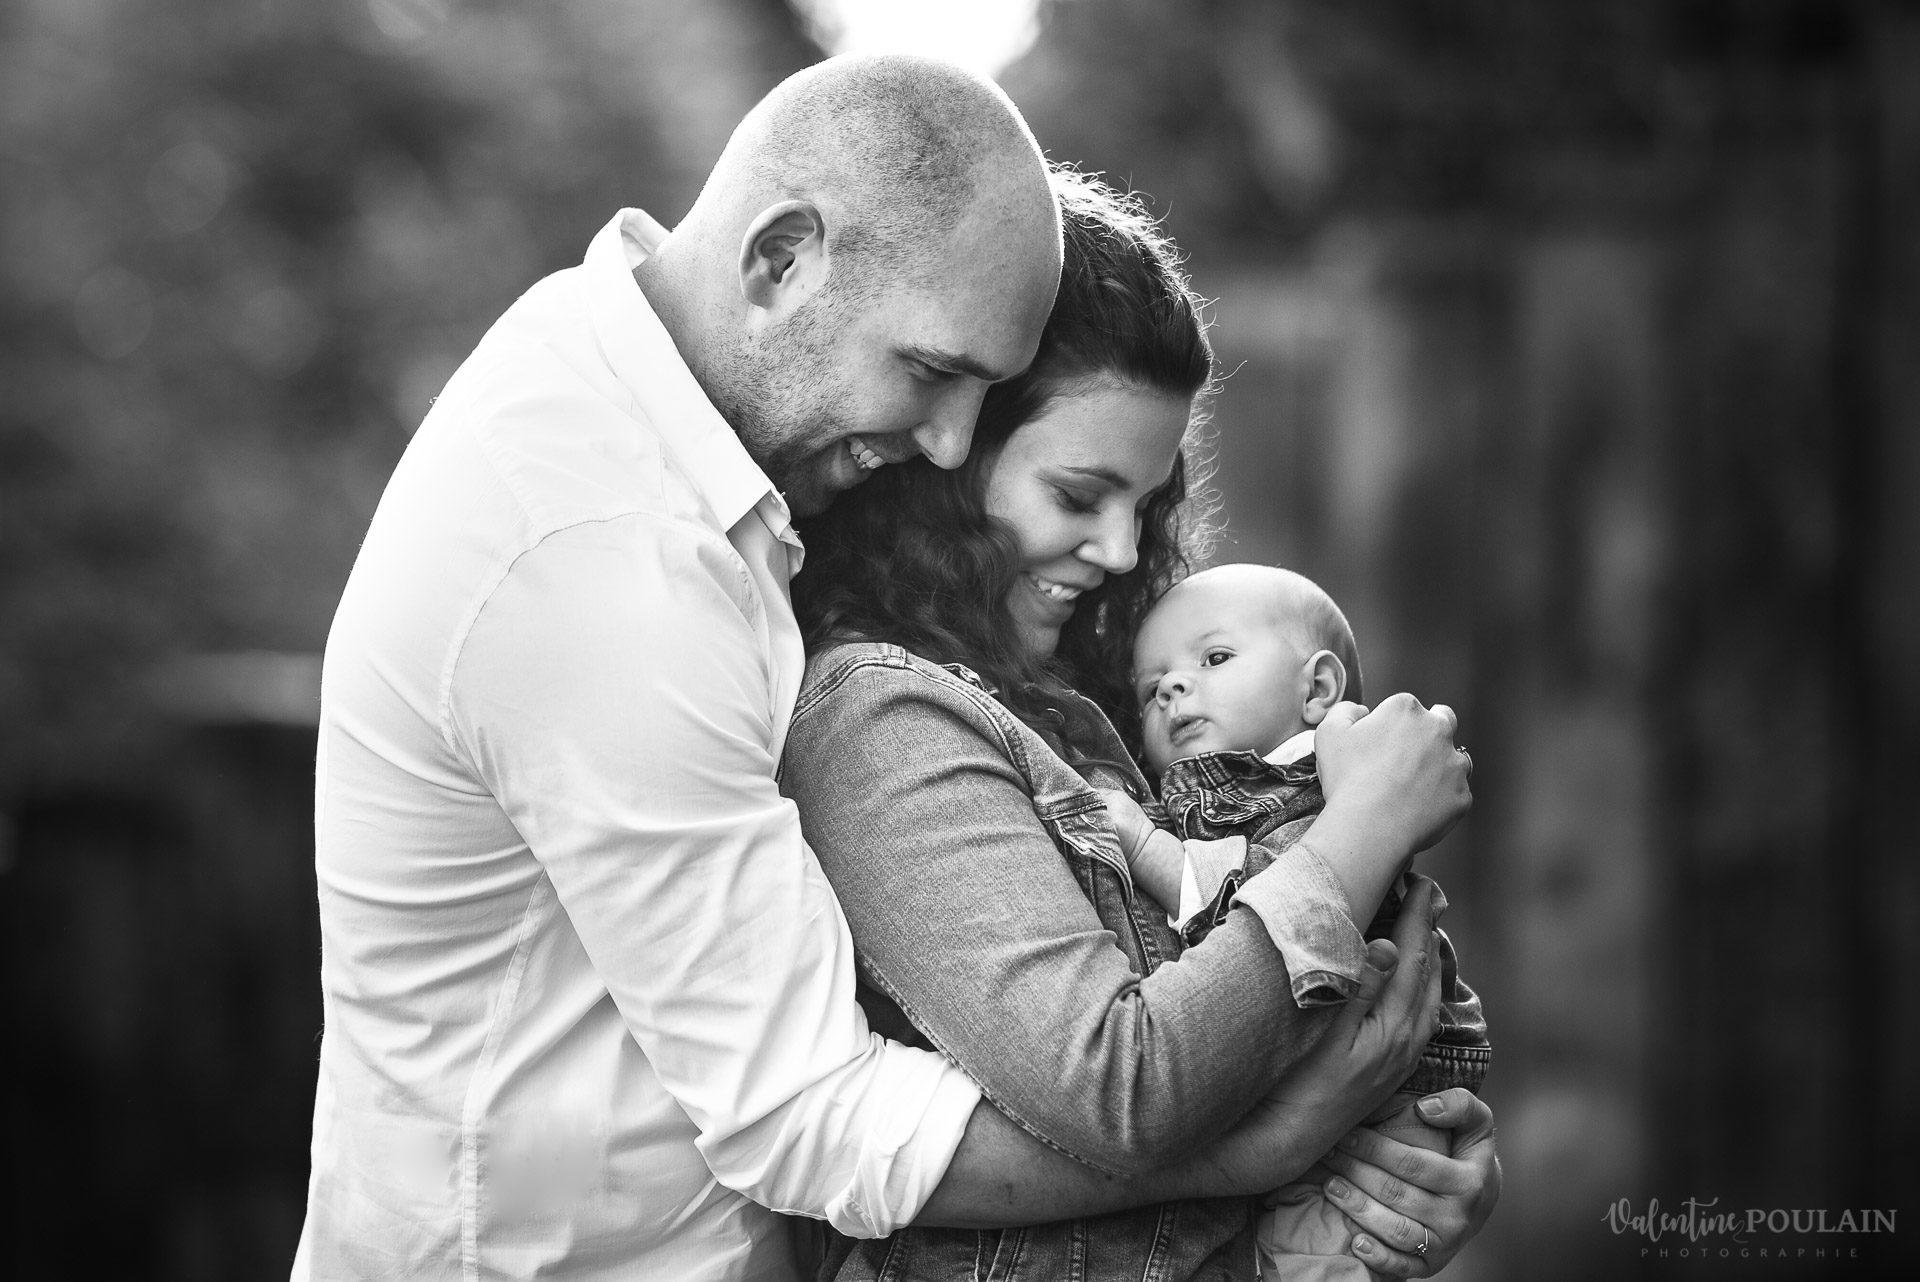 bébé 2 mois - Valentine Poulain